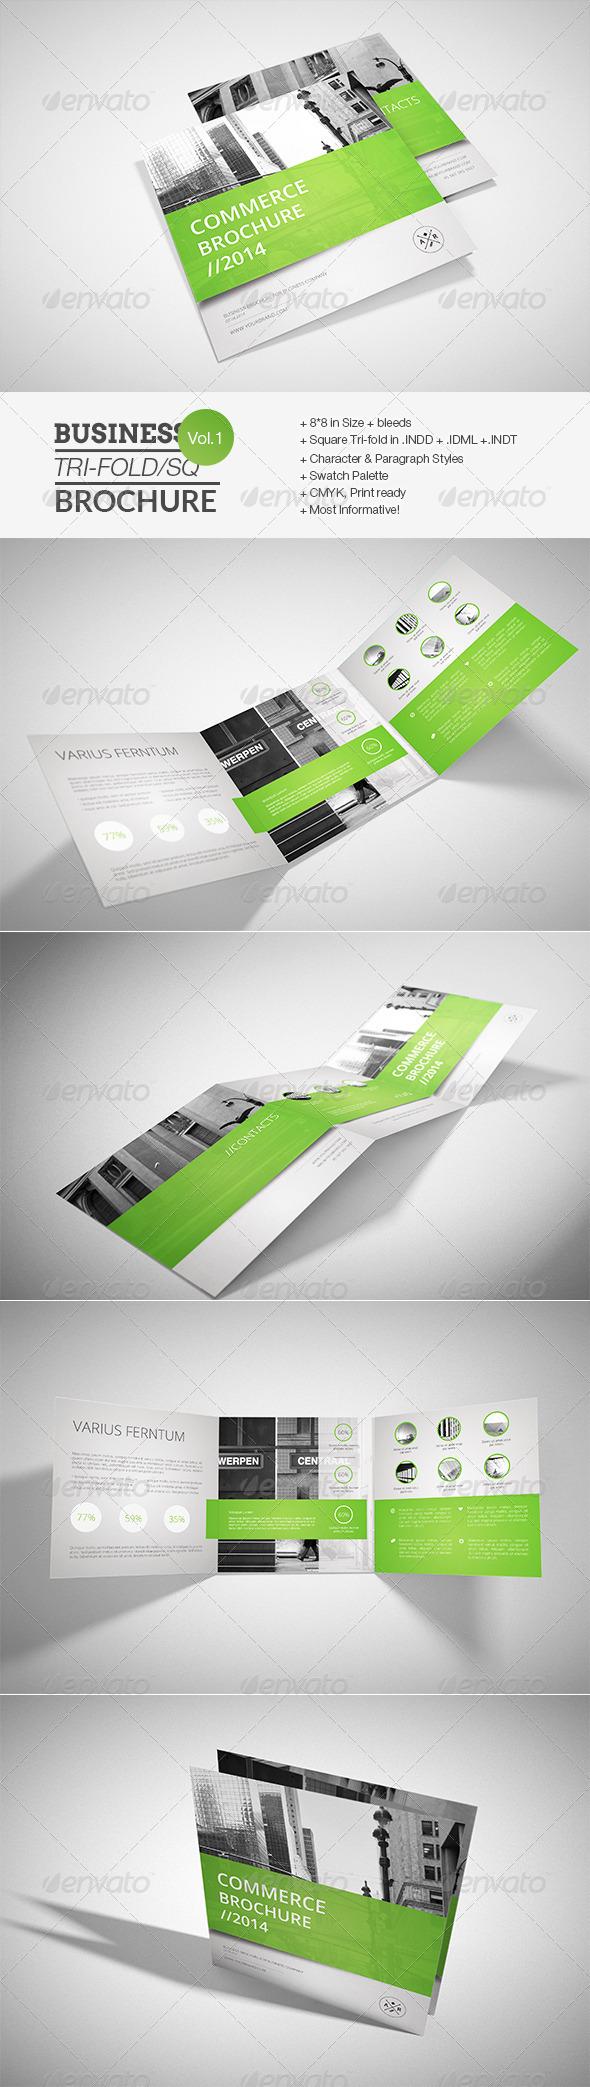 GraphicRiver Business Square Tri-fold Brochure 7664588